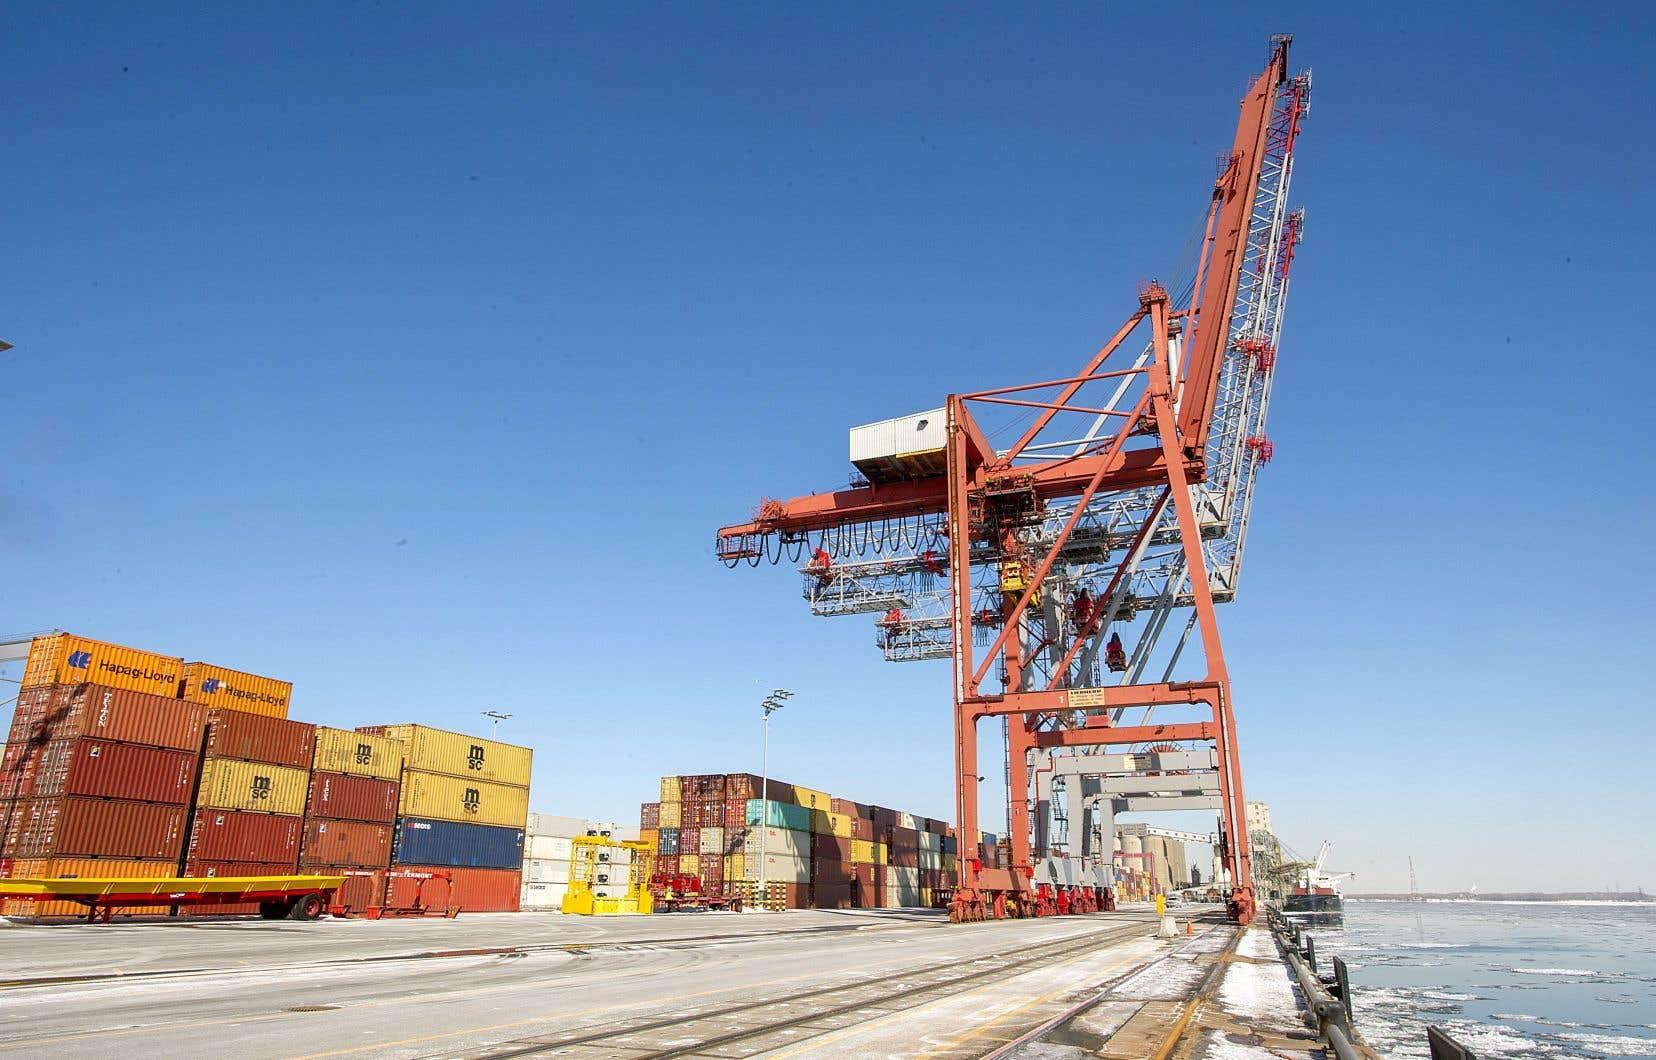 La Banque du Canada a tenu compte de l'effet du nouveau coronavirus sur l'économie mondiale, et par le fait même sur les prix des produits de base exportés par le Canada. Sur cette photo, des conteneurs de marchandises entreposés au port de Montréal.